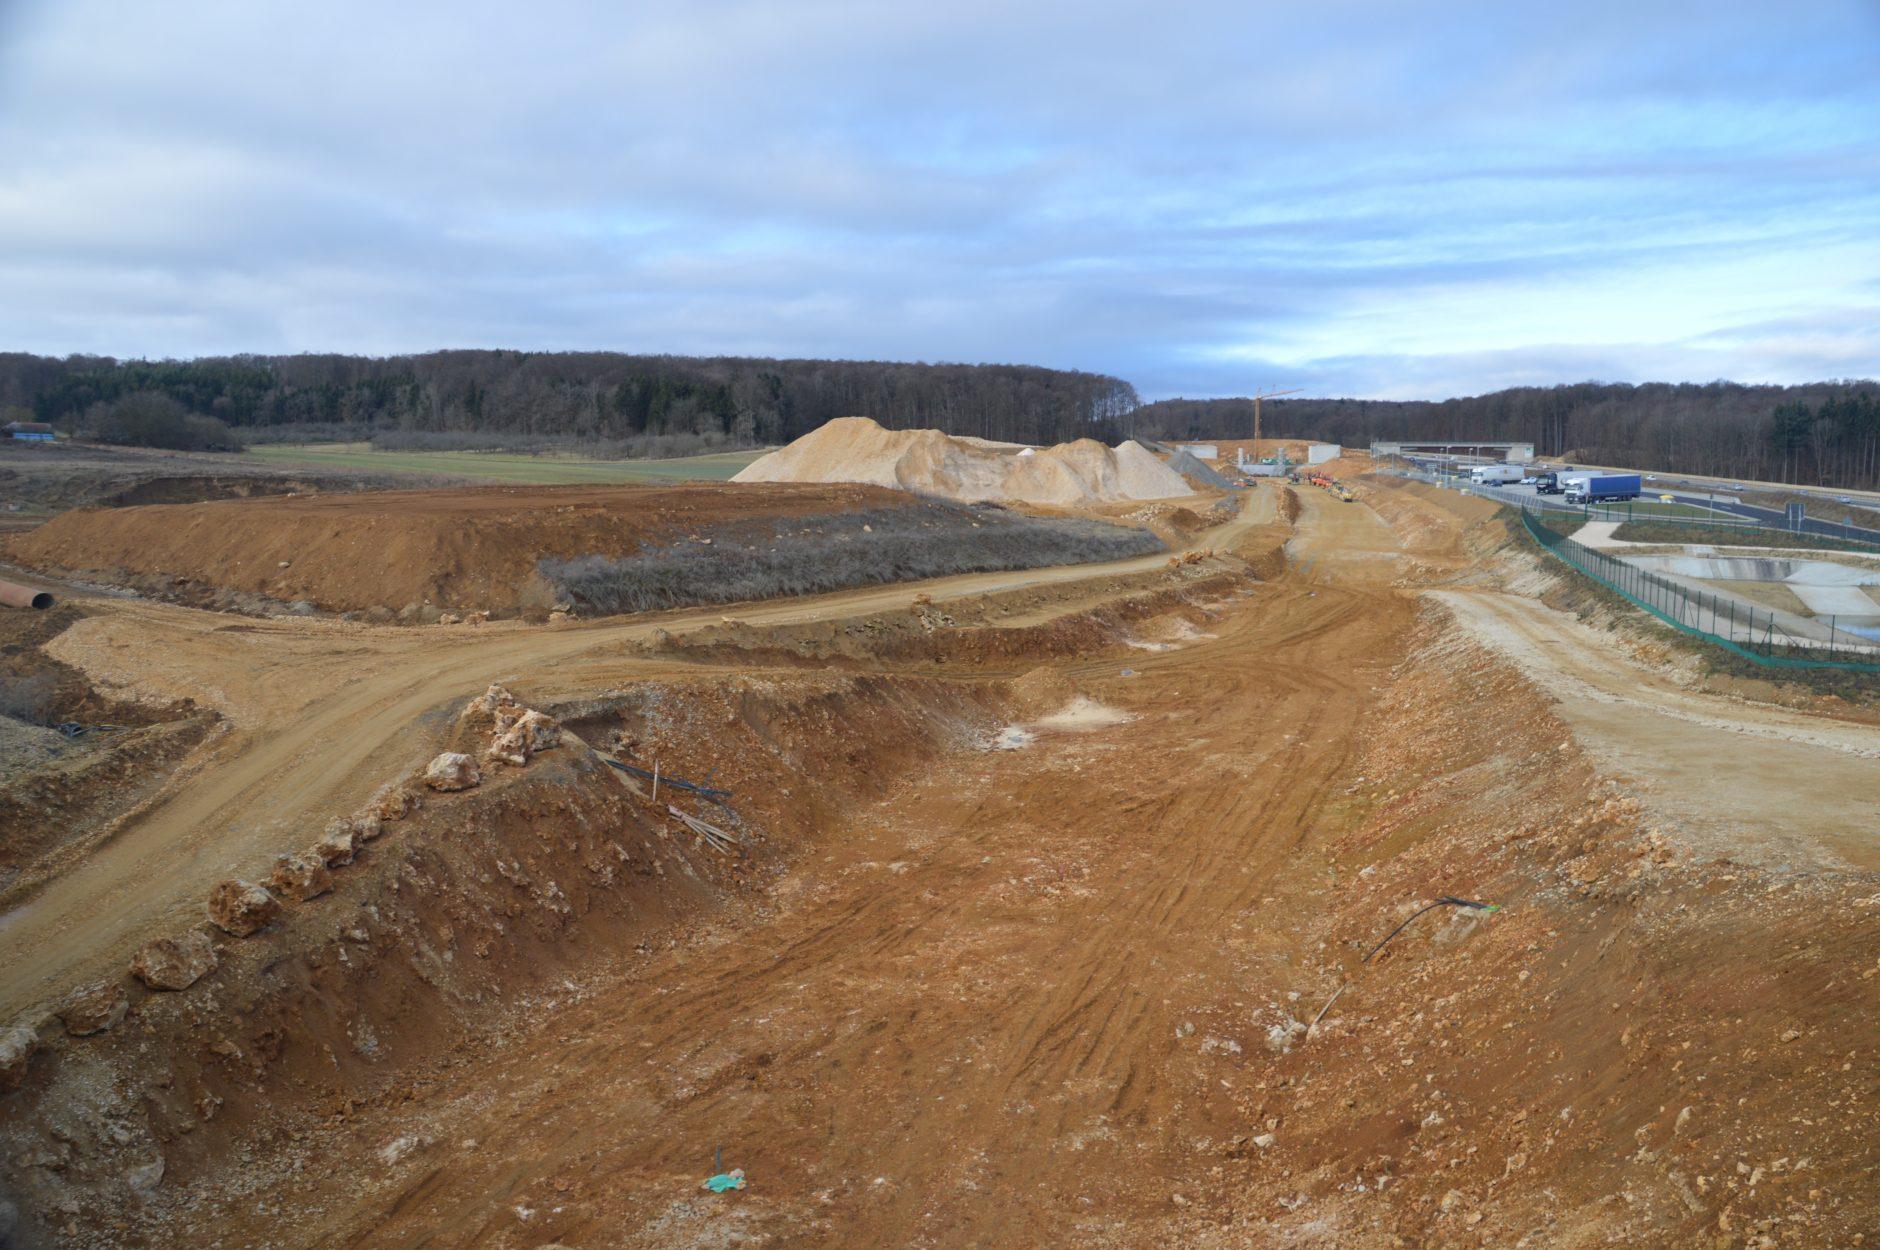 Tassenverlauf neben der Autobahn A8 - Gut zu sehen: die Breite der Baustelle